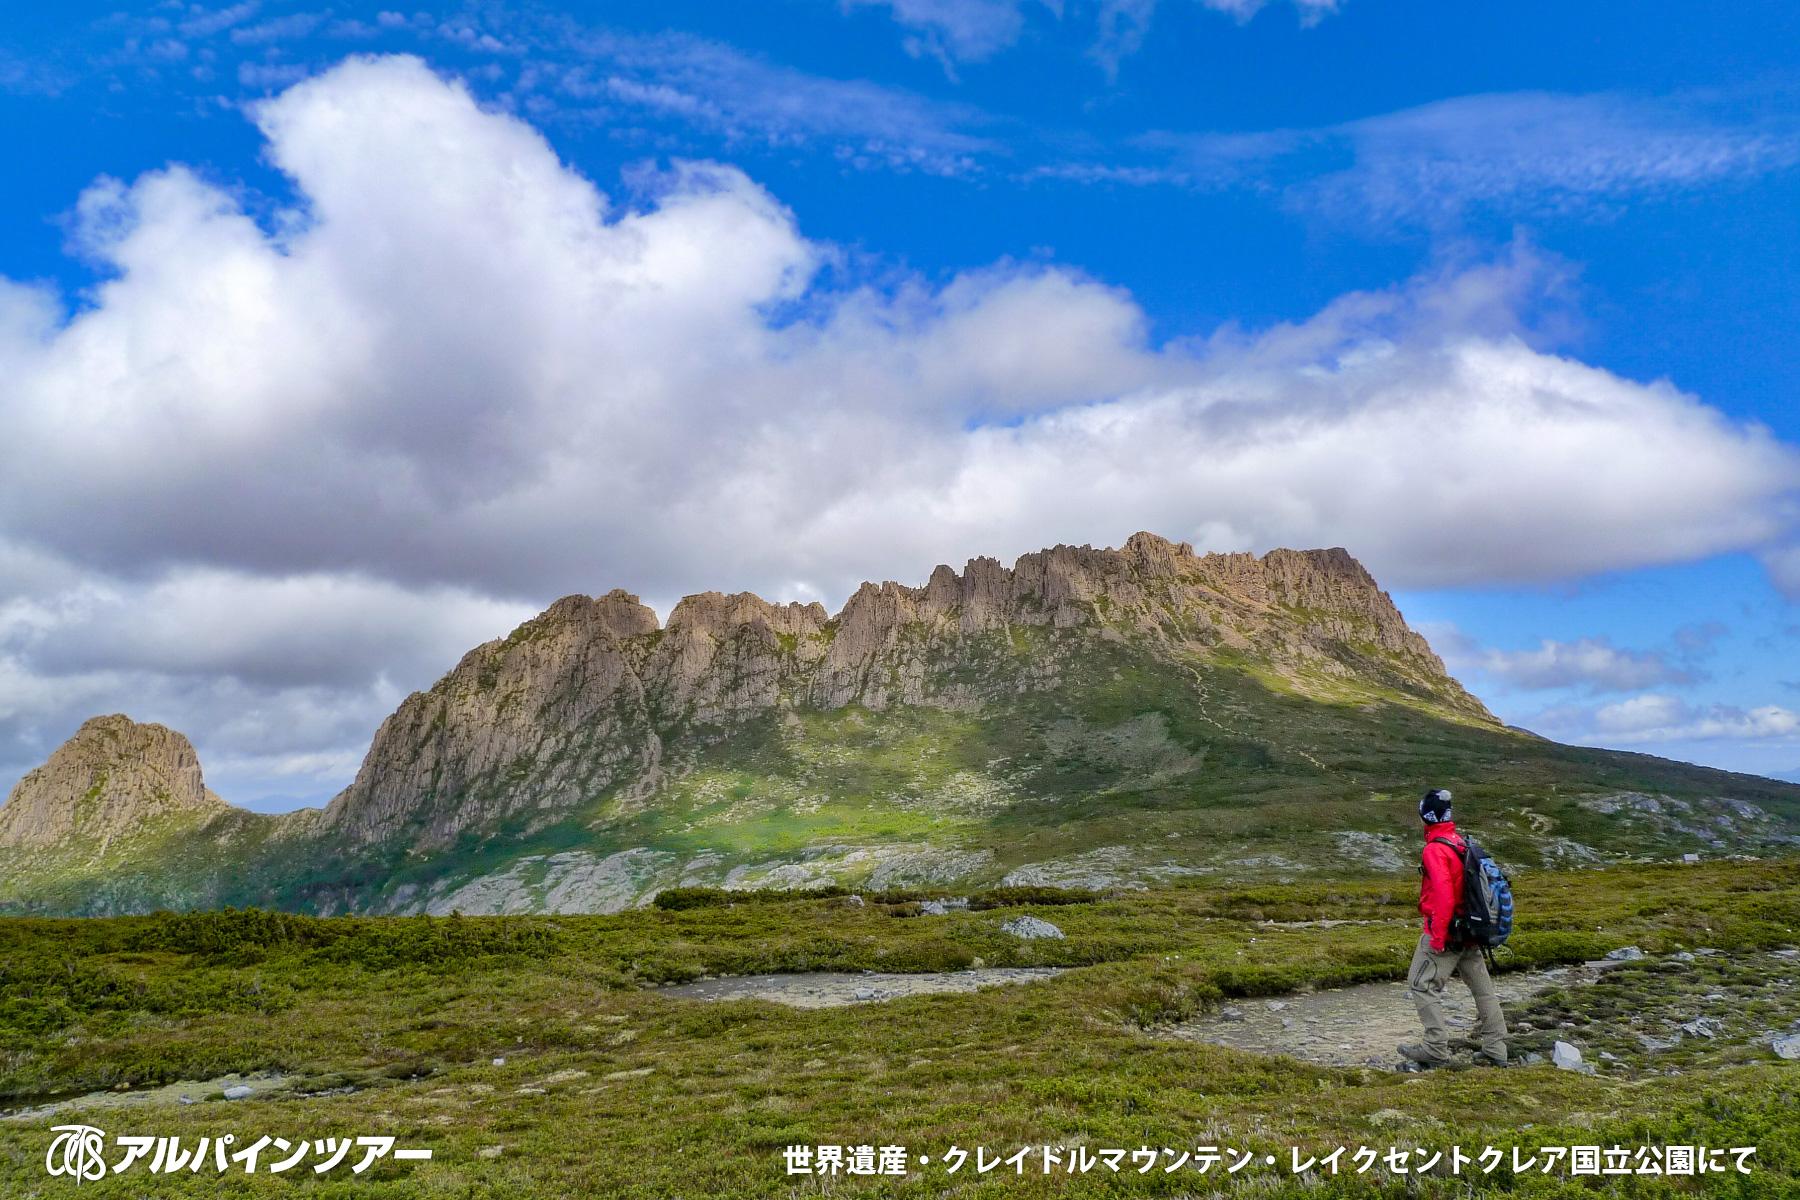 【エリア紹介】 タスマニア島日帰りハイキング